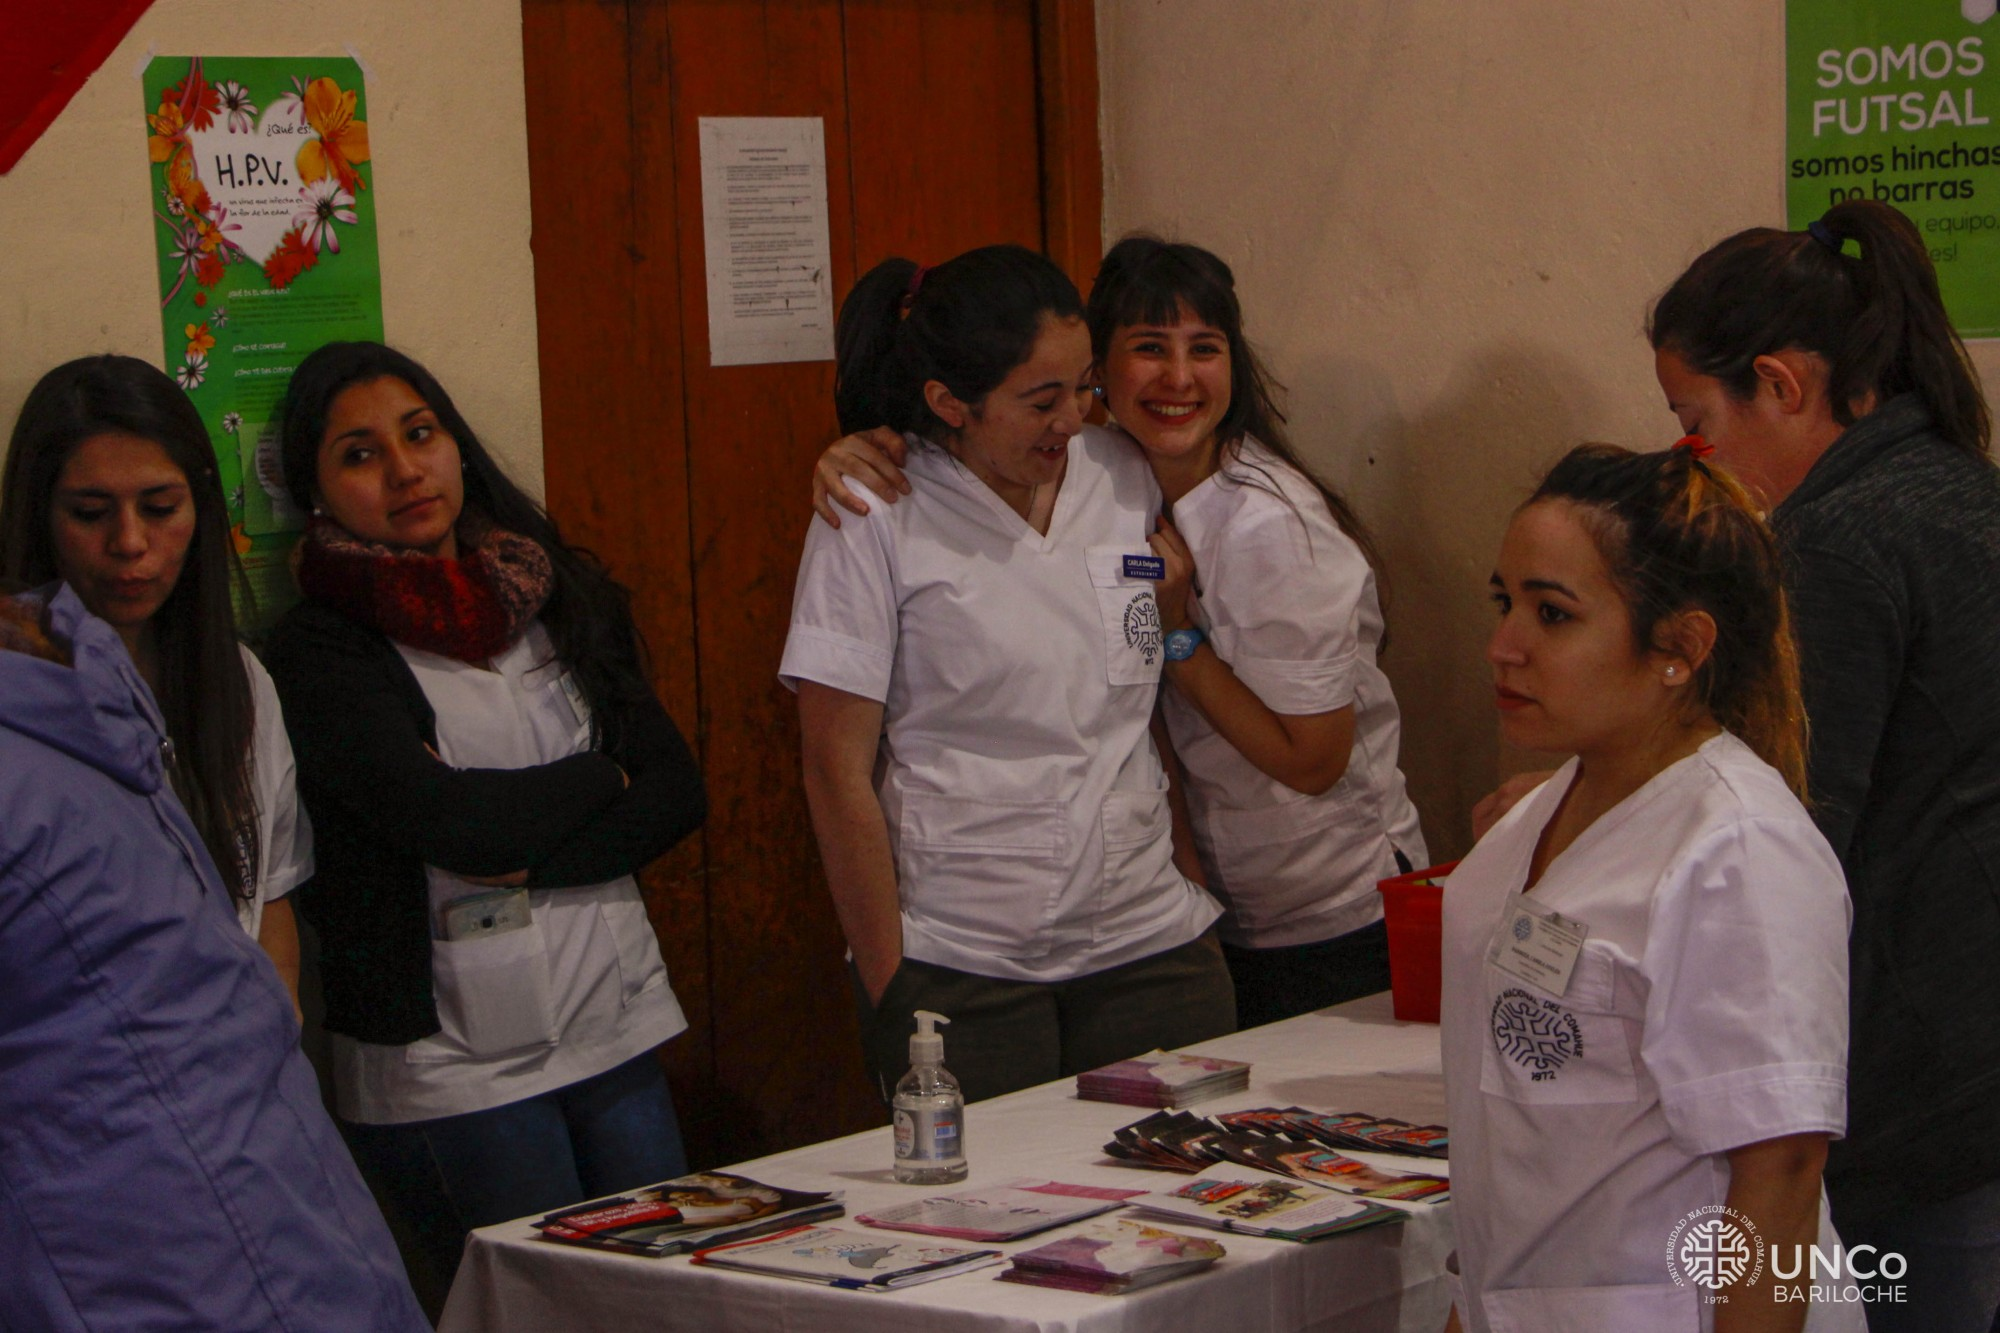 Posta de Salud en el Club Estudiantes